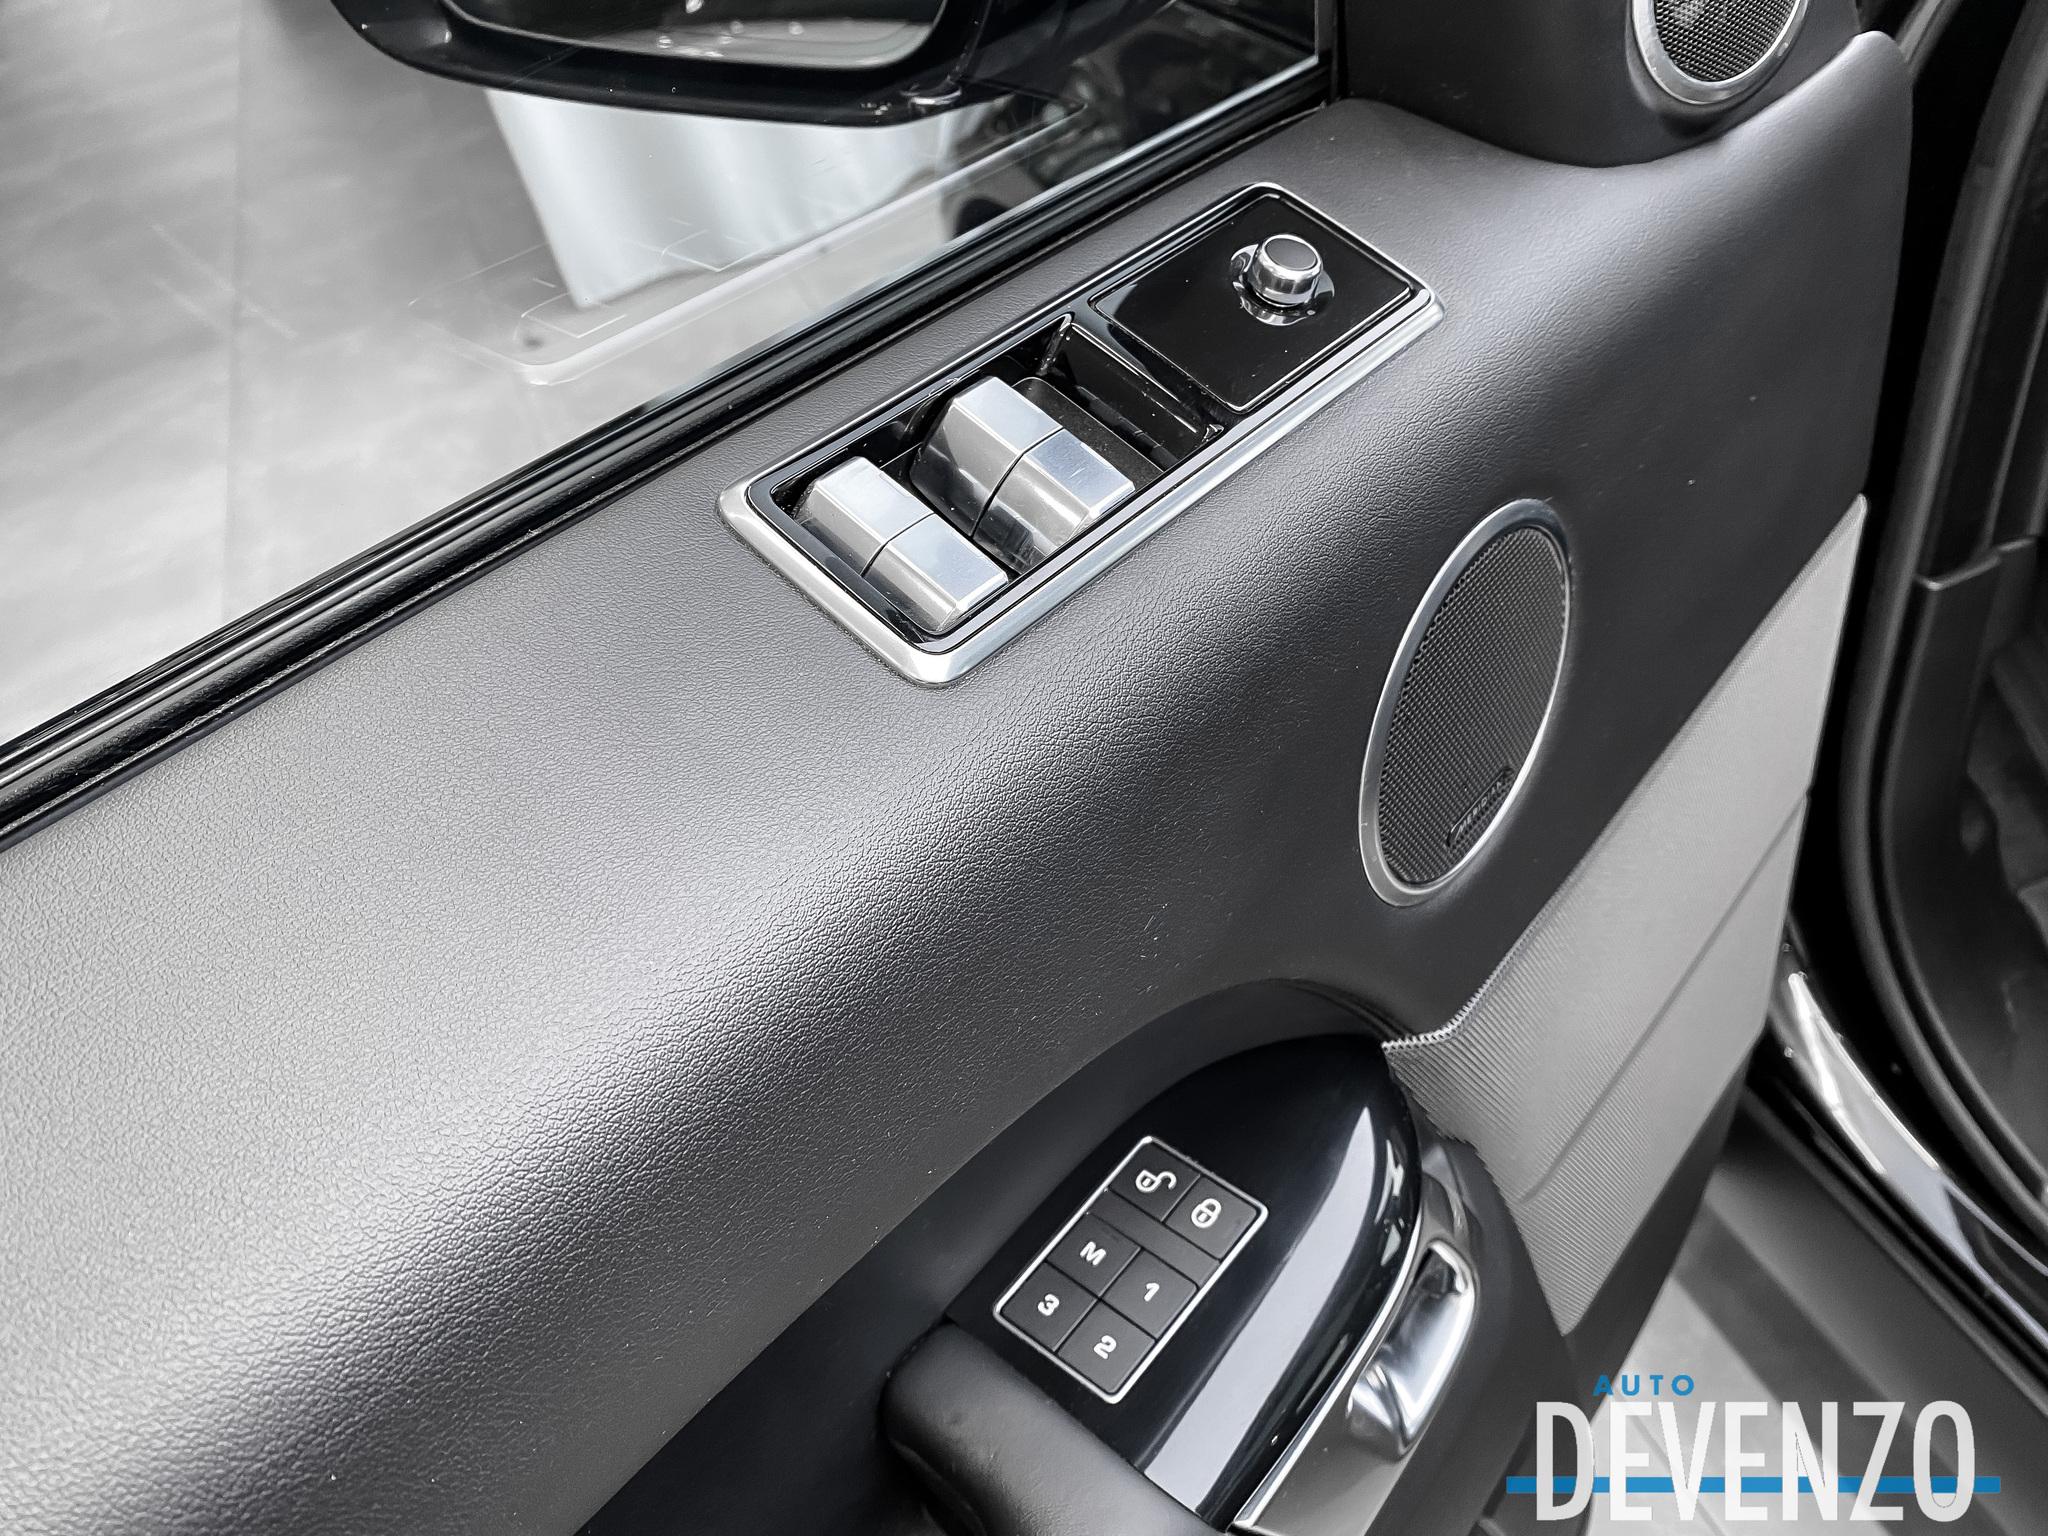 2018 Land Rover Range Rover Sport Td6 Diesel HSE 3.0L complet